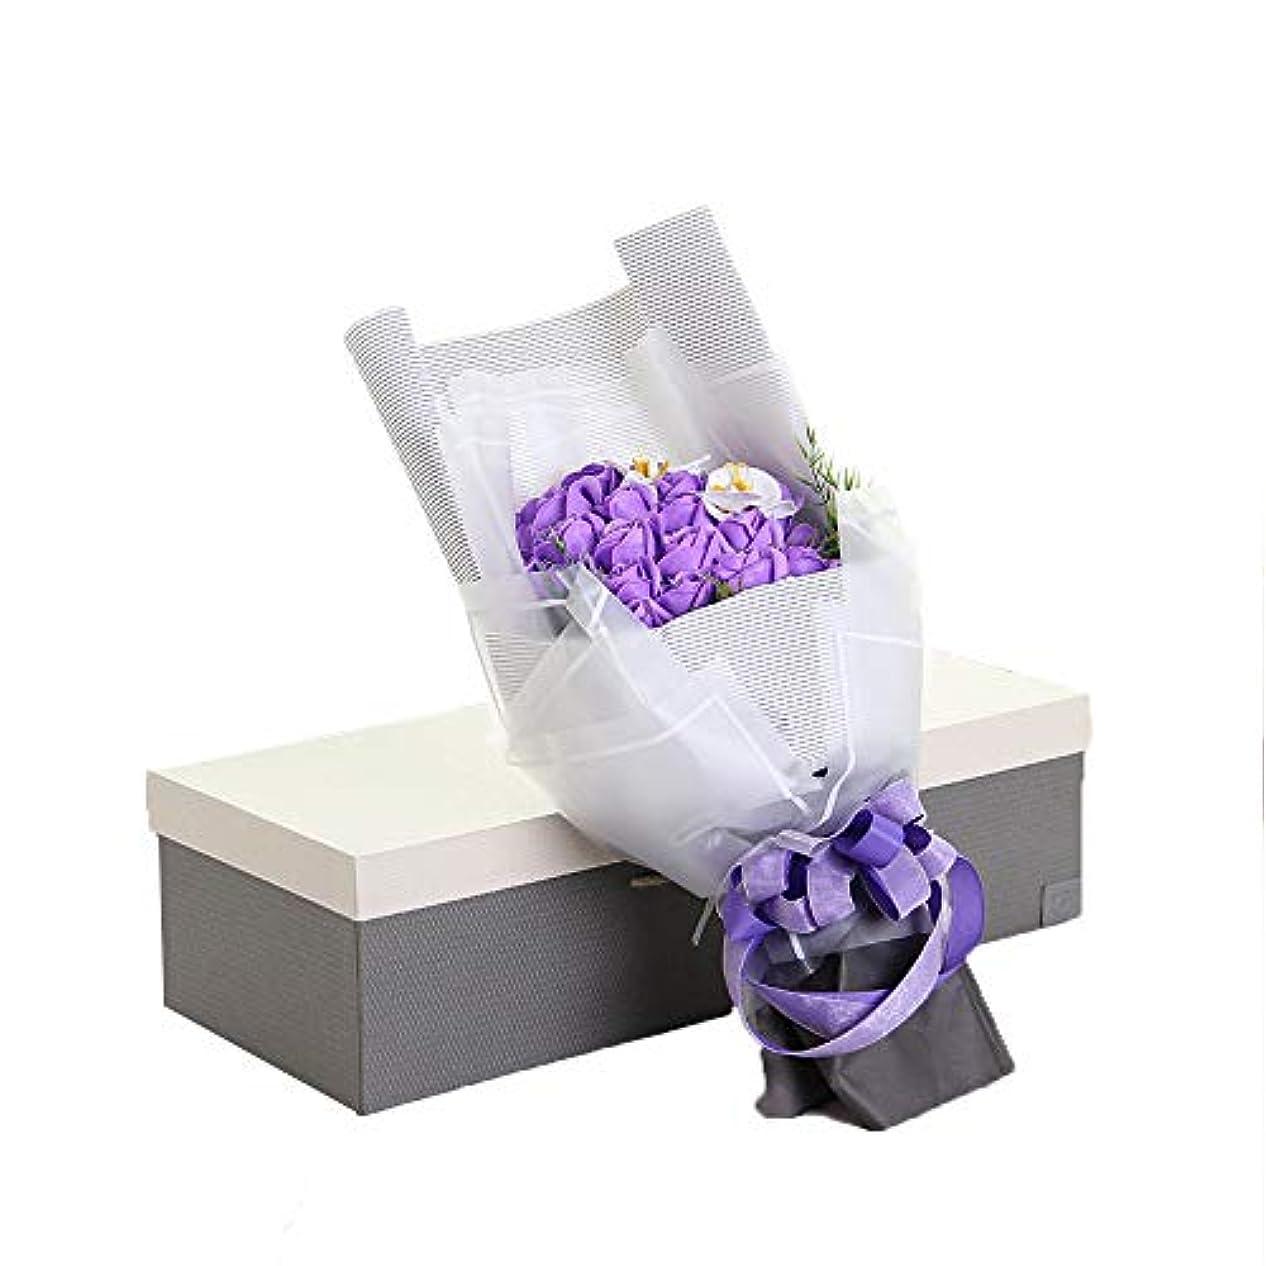 部分的に底収まる手作り29石鹸花の花束ギフトボックス、女性のためのギフトバレンタインデー、母の日、結婚式、クリスマス、誕生日(ベアカラーランダム) (色 : 紫の)